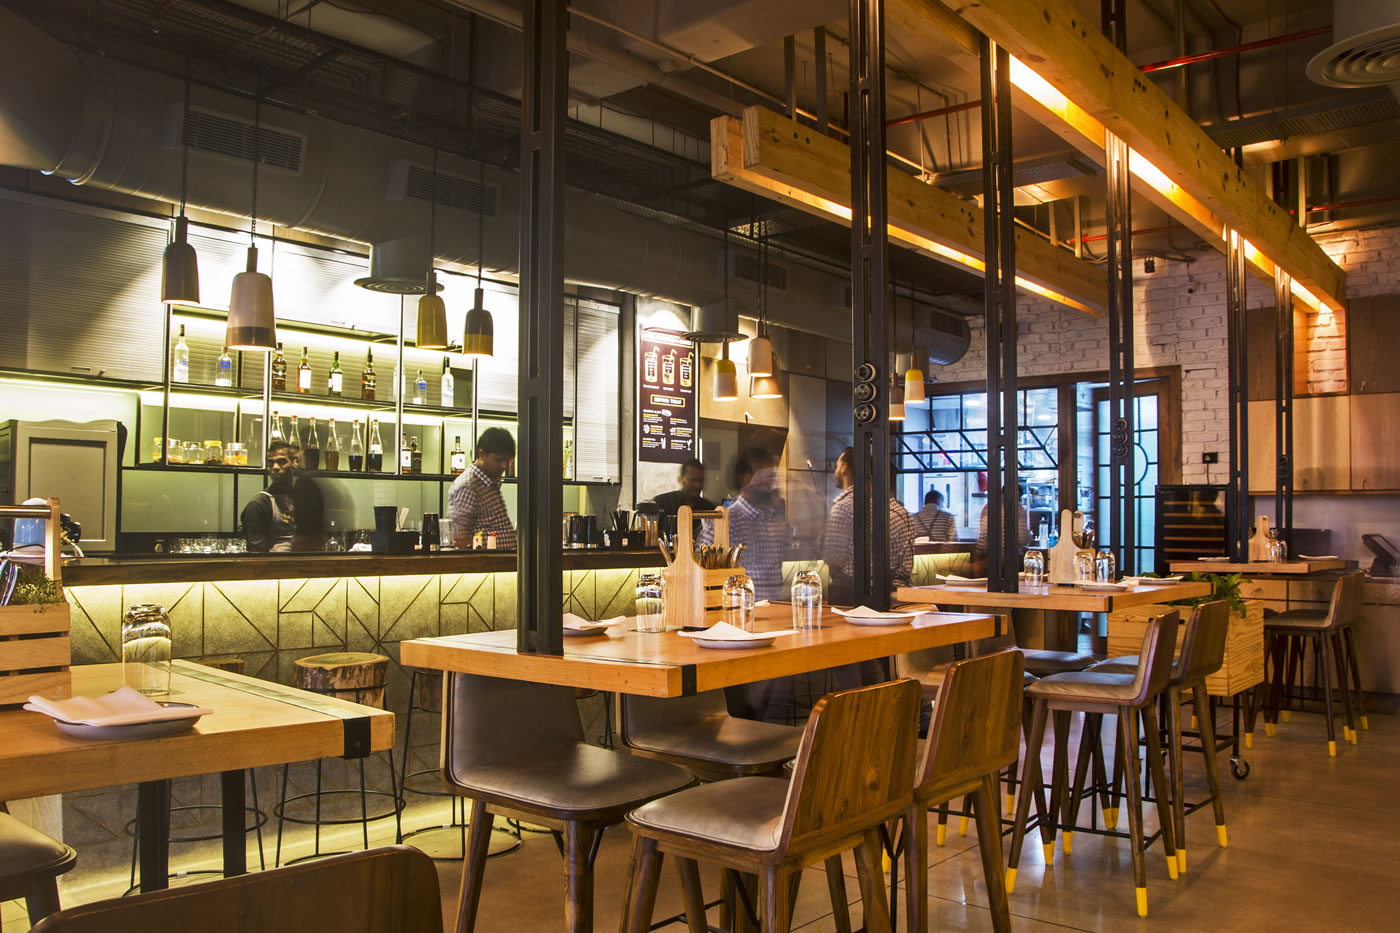 The Best Restaurants And Bars Of Mumbai 2016